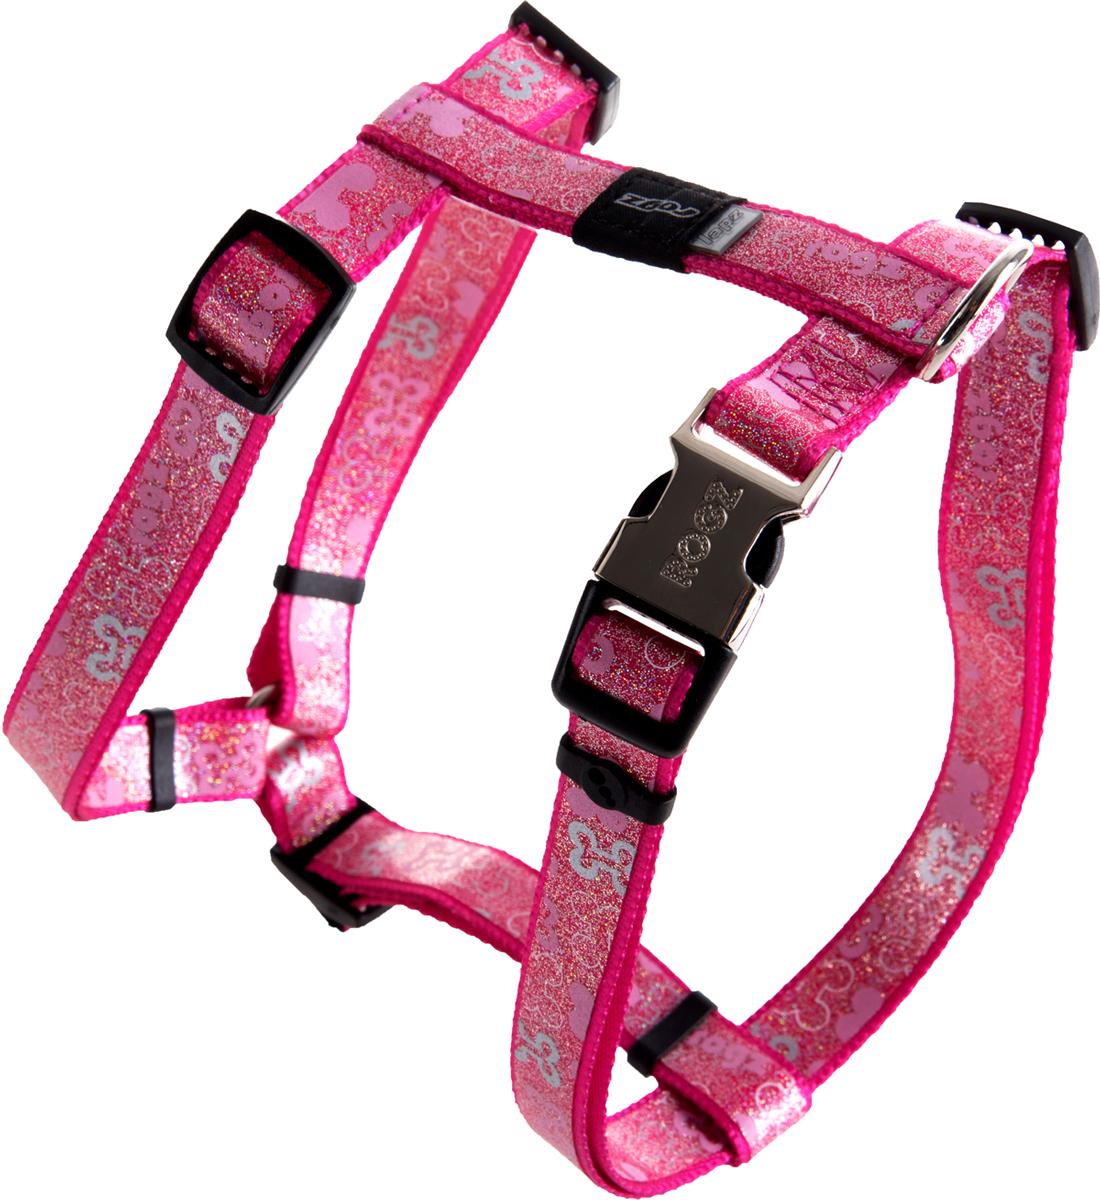 Шлейка для собак Rogz Trendy, цвет: розовый, ширина 1,6 см. Размер M0120710Шлейка для собак Rogz Trendy обладает нежнейшей мягкостью и гибкостью.Светоотражающие материалы для обеспечения лучшей видимости собаки в темное время суток.